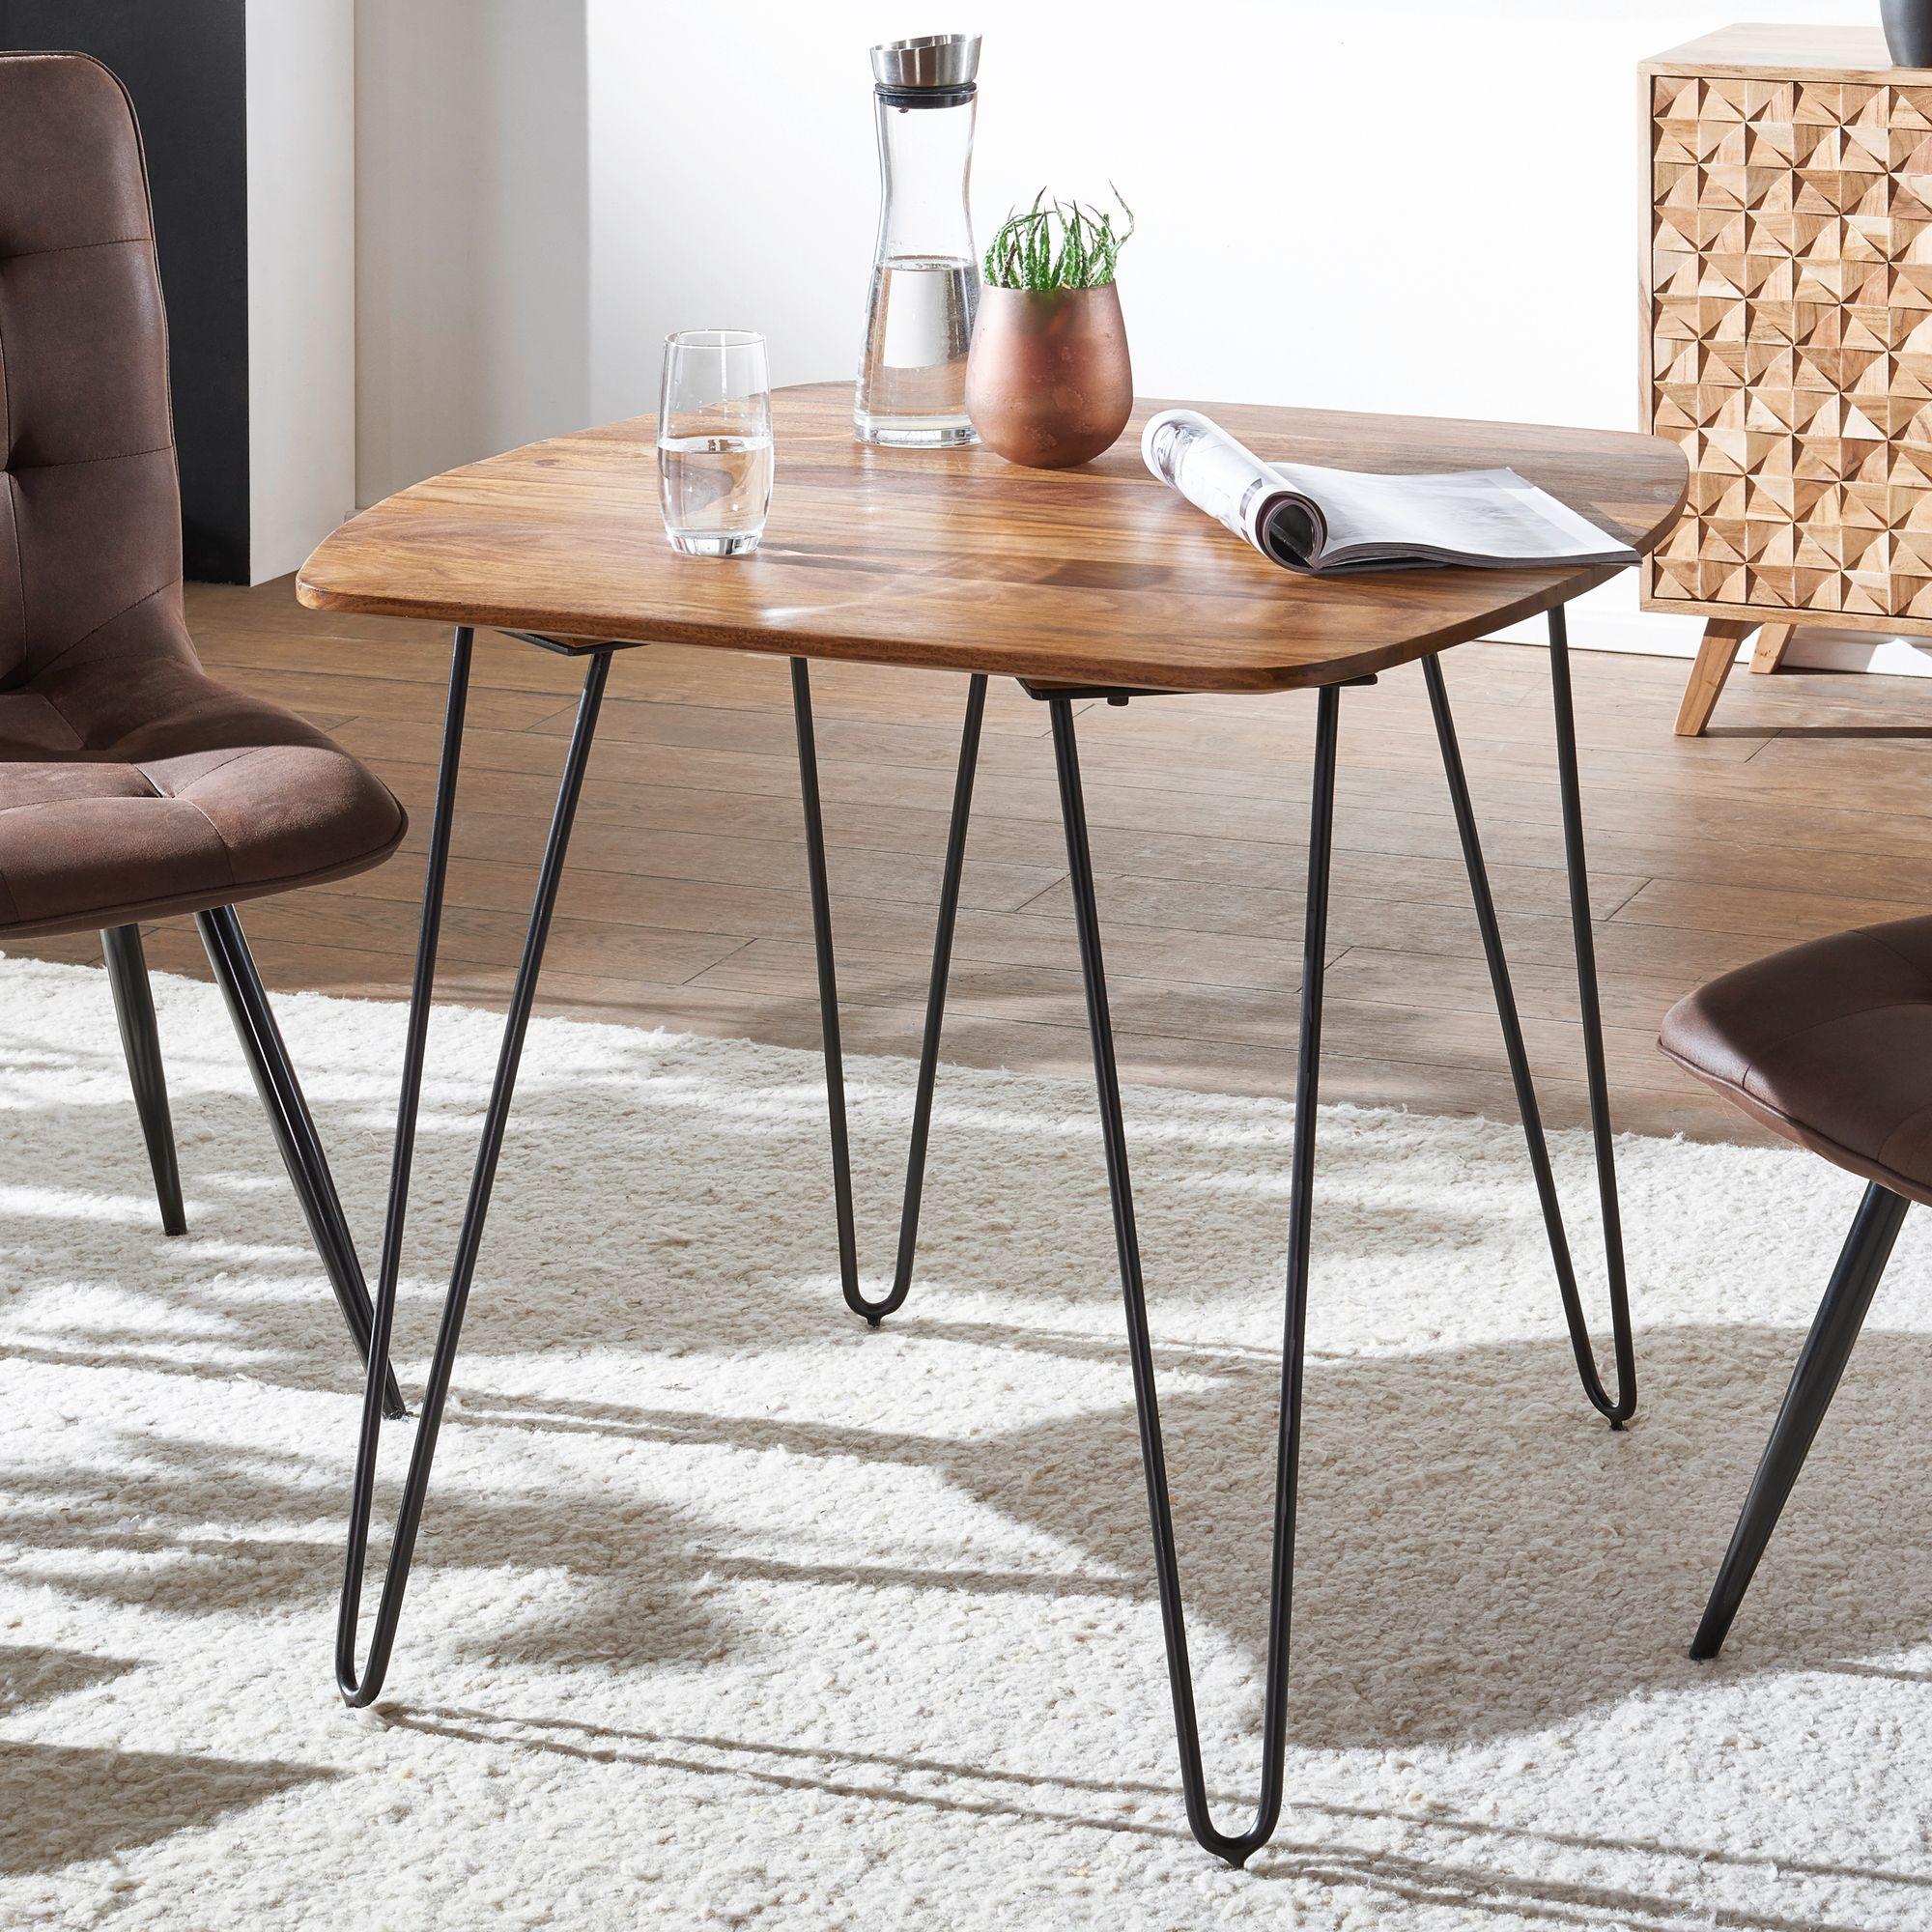 WOHNLING Esszimmertisch KELA 80x80x76 cm Sheesham Massivholz | Esstisch mit Metallbeinen | Massiver Echtholz Tisch Quadratisch | Designer Holztisch